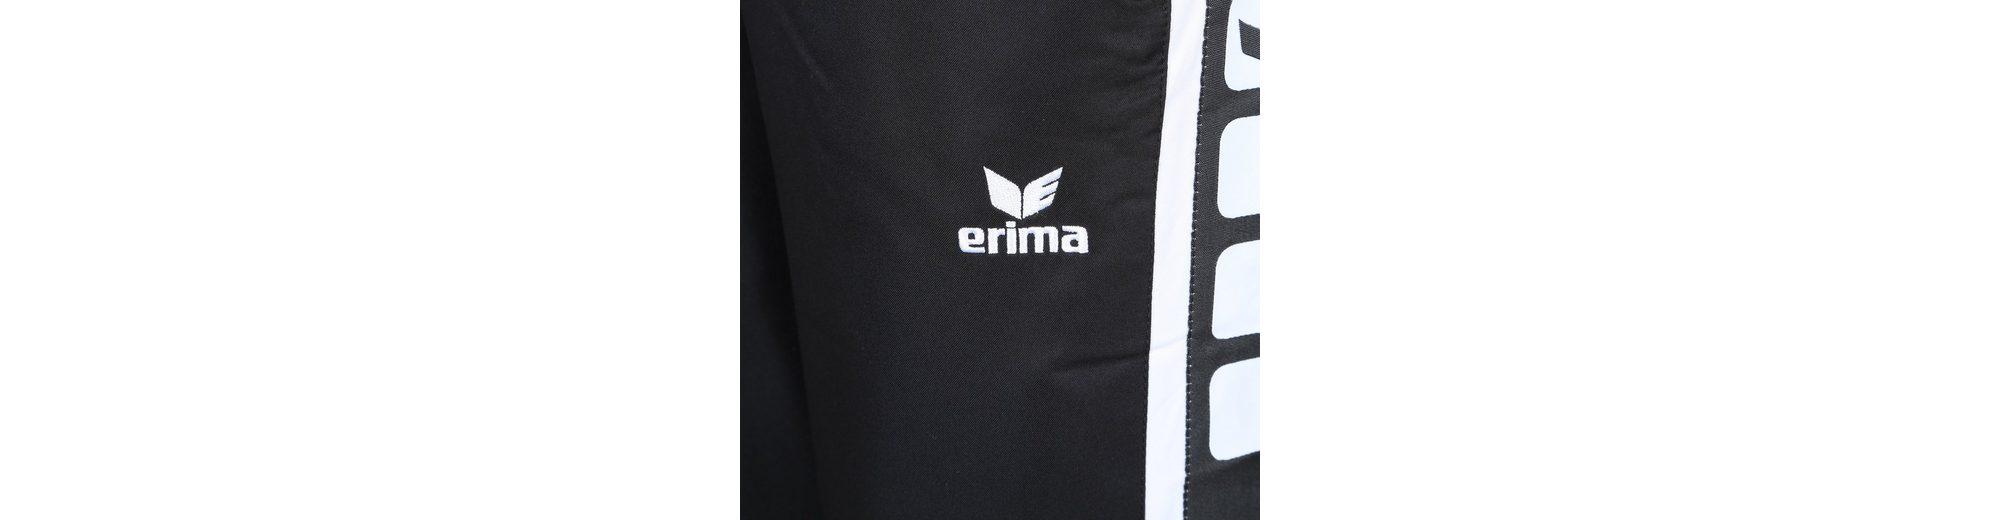 ERIMA 5-CUBES Präsentationshose Damen Freies Verschiffen Angebote Echte Online Billig Verkauf Zuverlässig Outlet Mode-Stil AfY6RZ